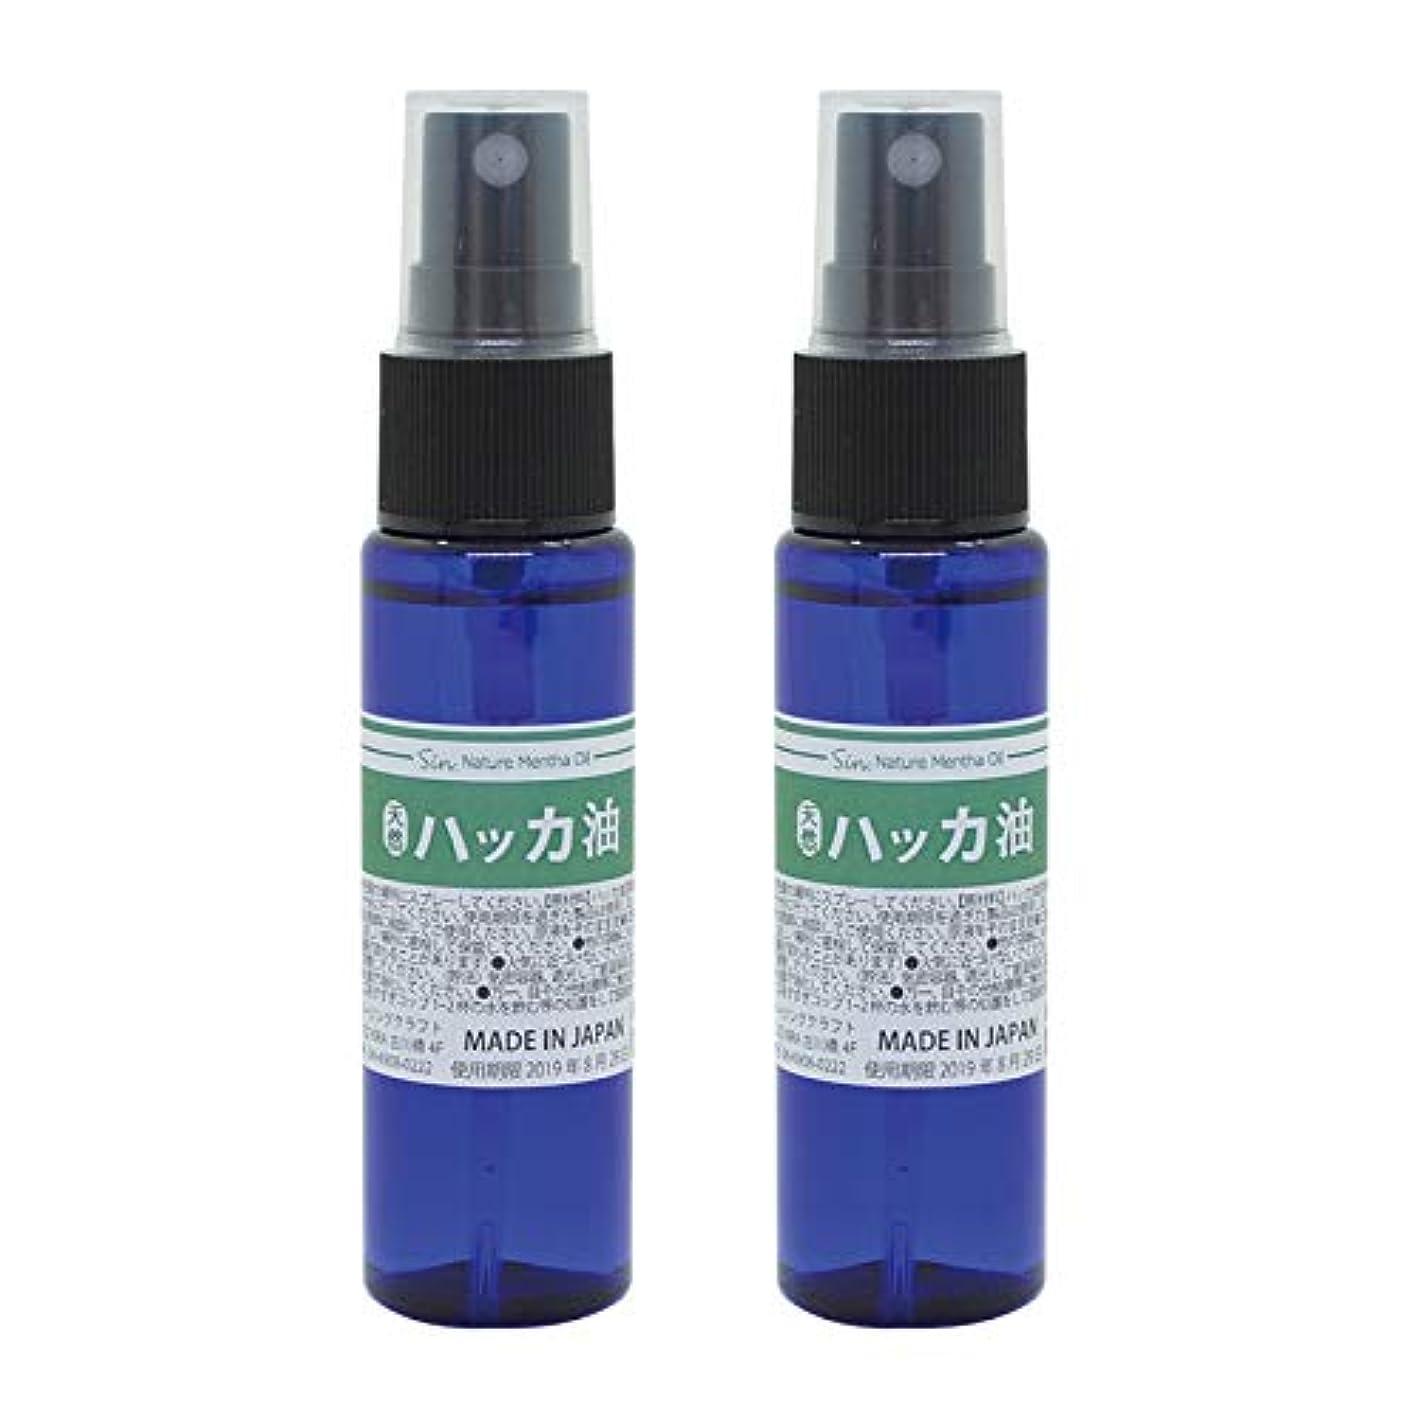 アラスカ酸っぱい実験的日本製 天然ハッカ油(ハッカオイル) スプレー 30mL×2本